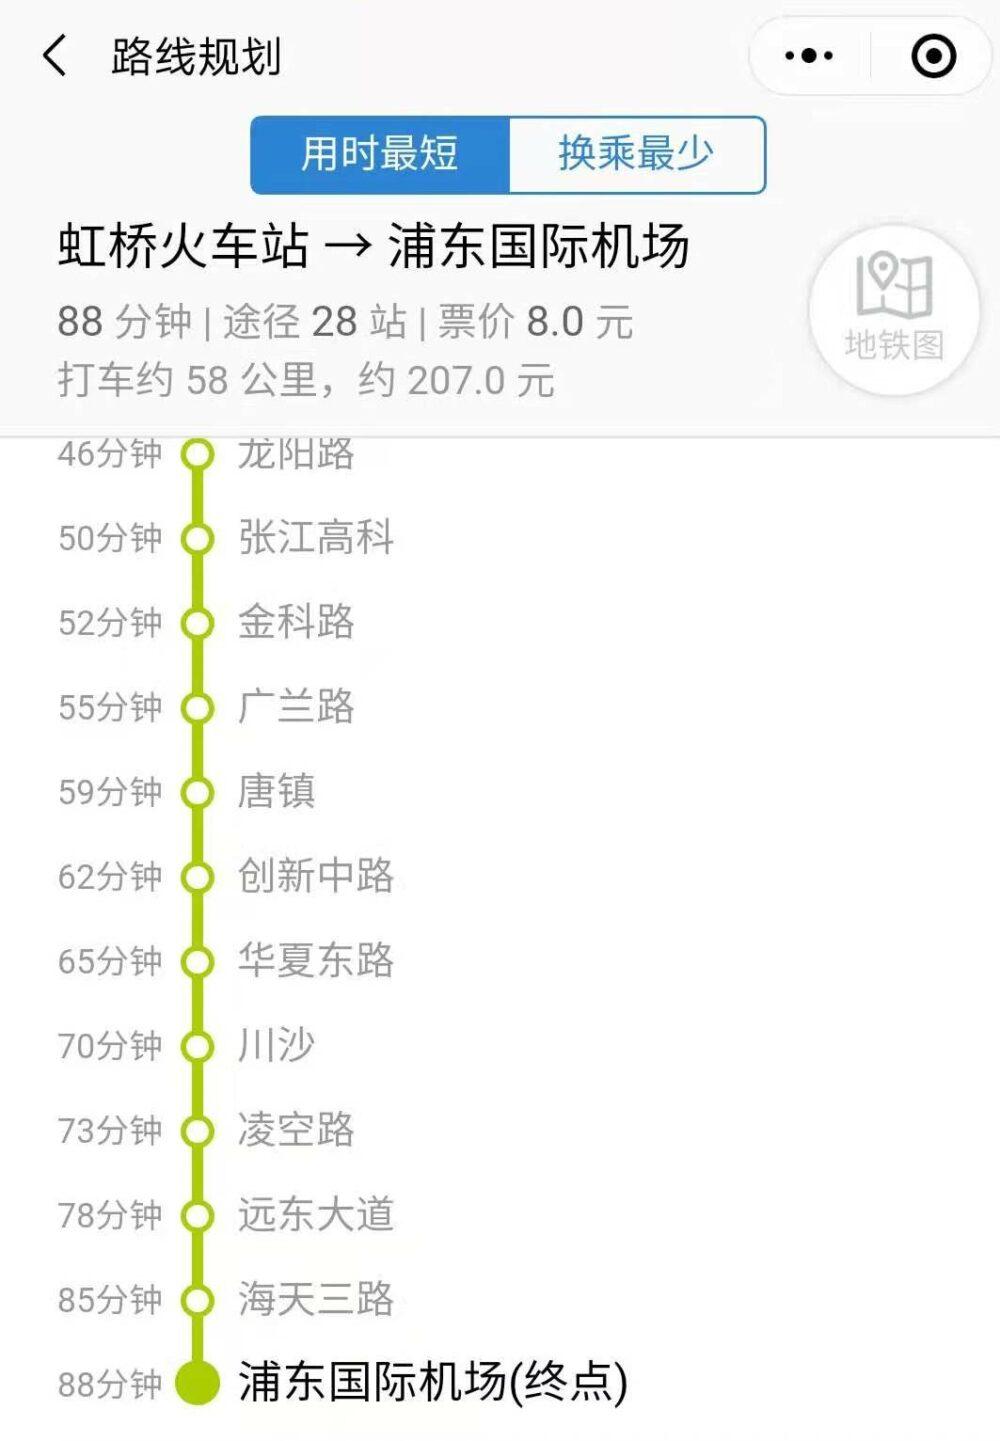 虹橋駅から浦東国際空港駅までの地下鉄詳細の写真②